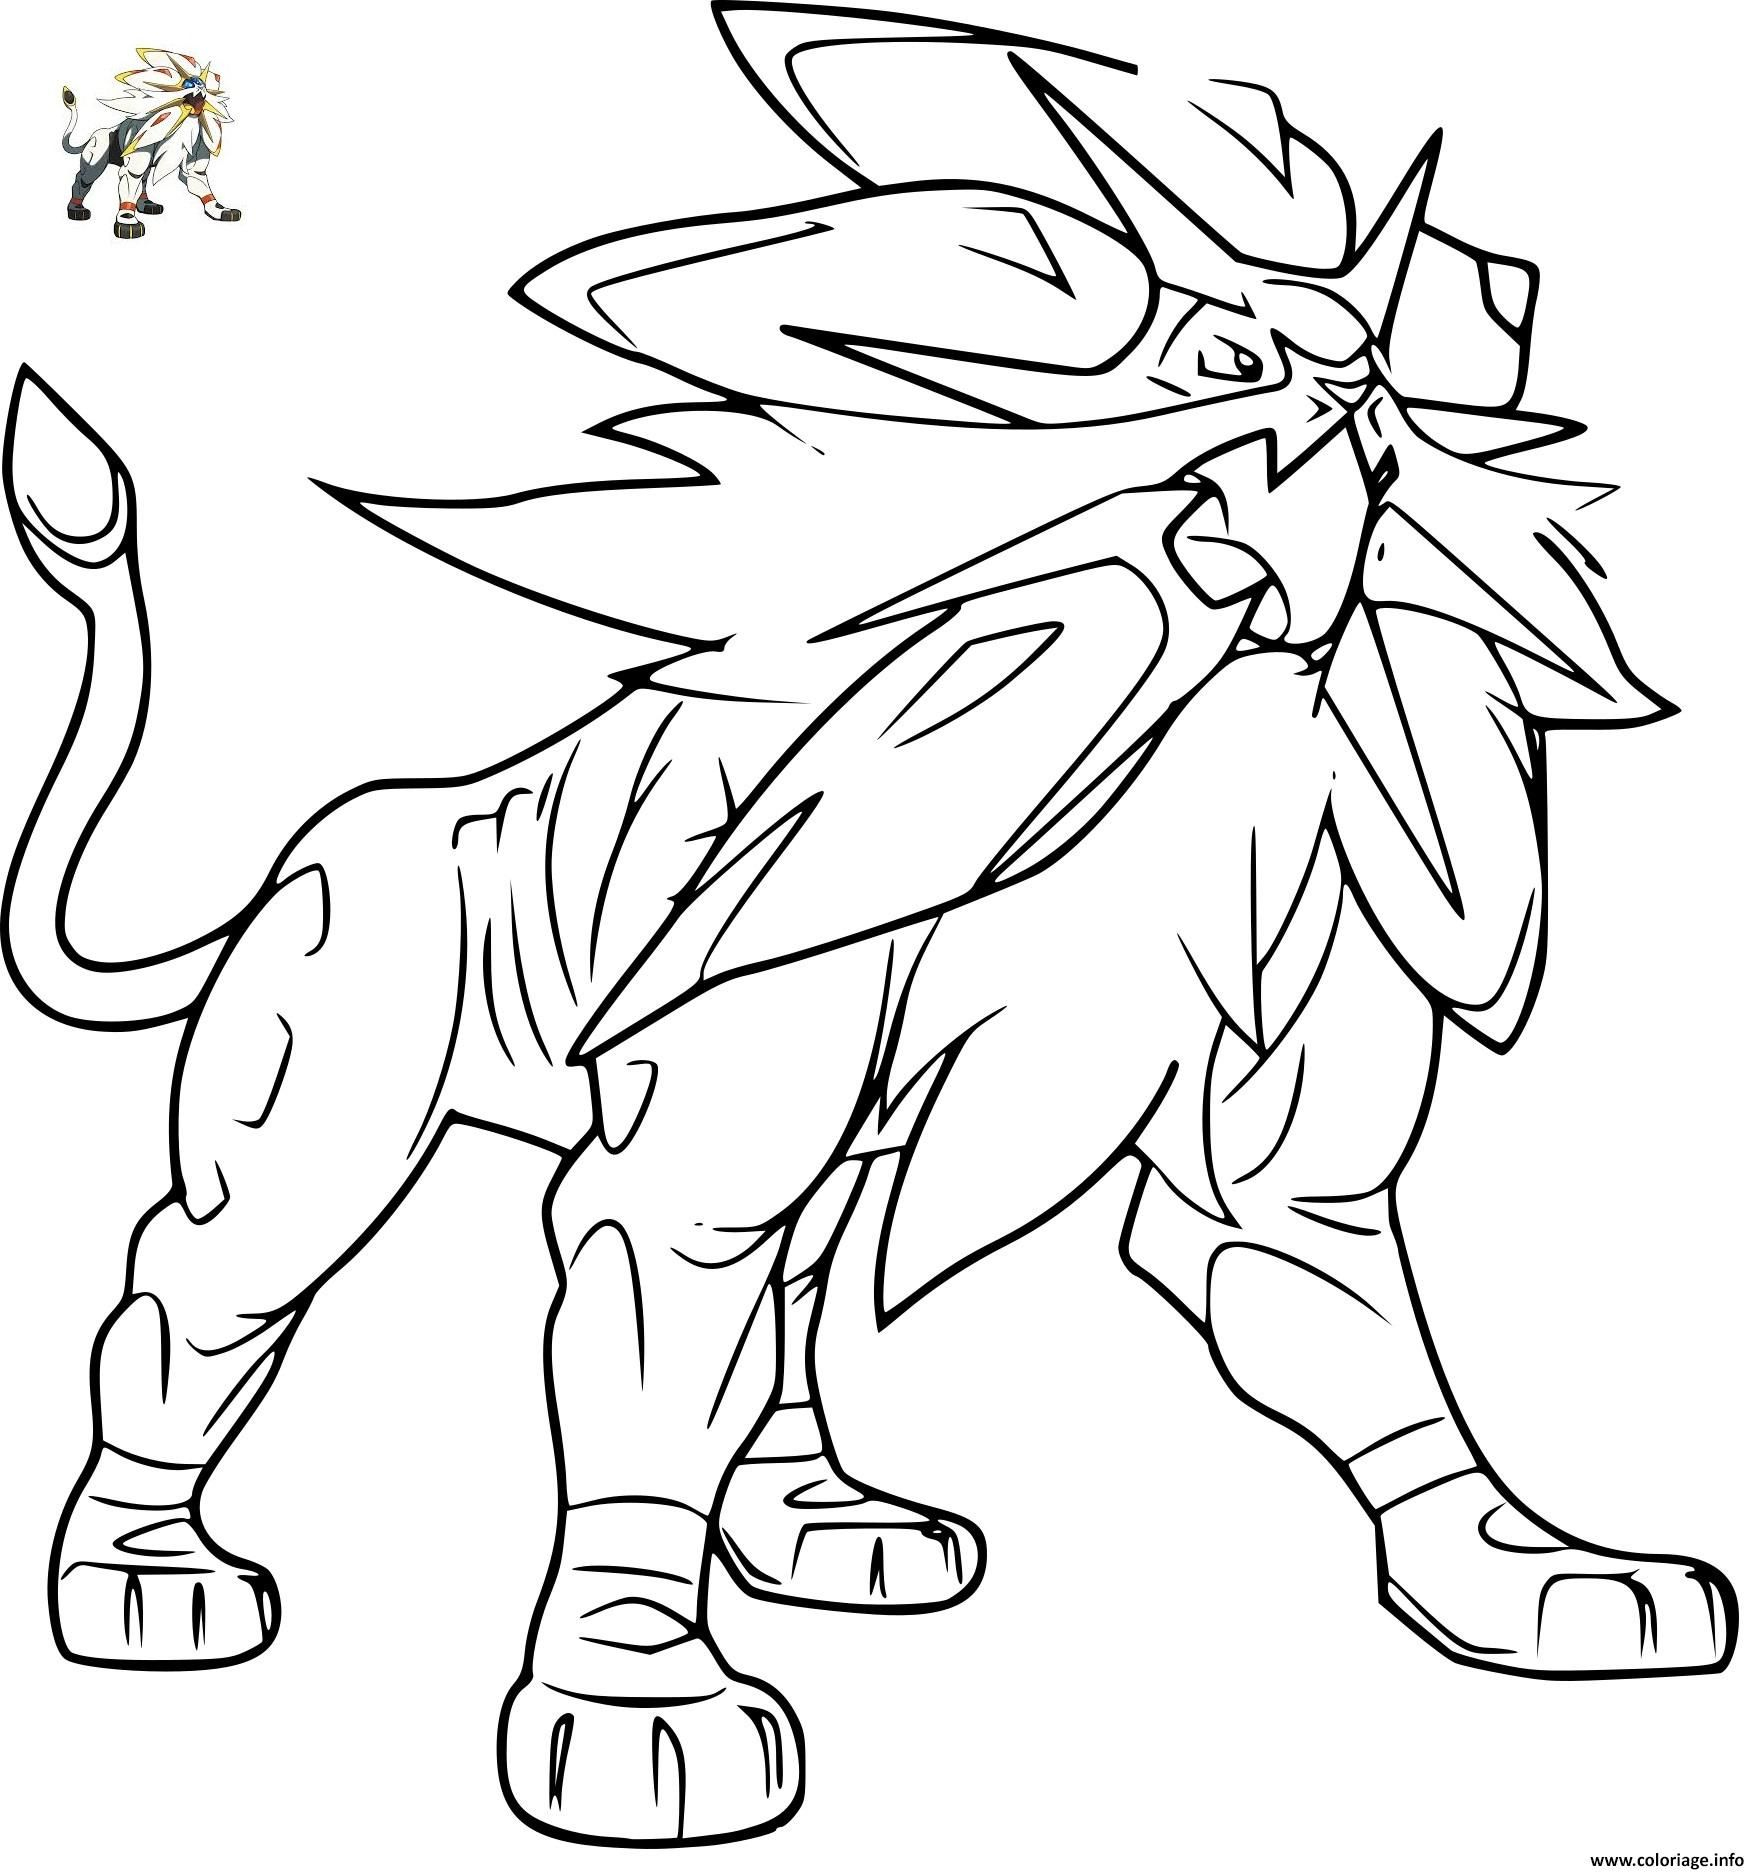 Coloriage Pokemon Solgaleo Gx Dessin À Imprimer | Dessin tout Photo De Pokémon À Imprimer